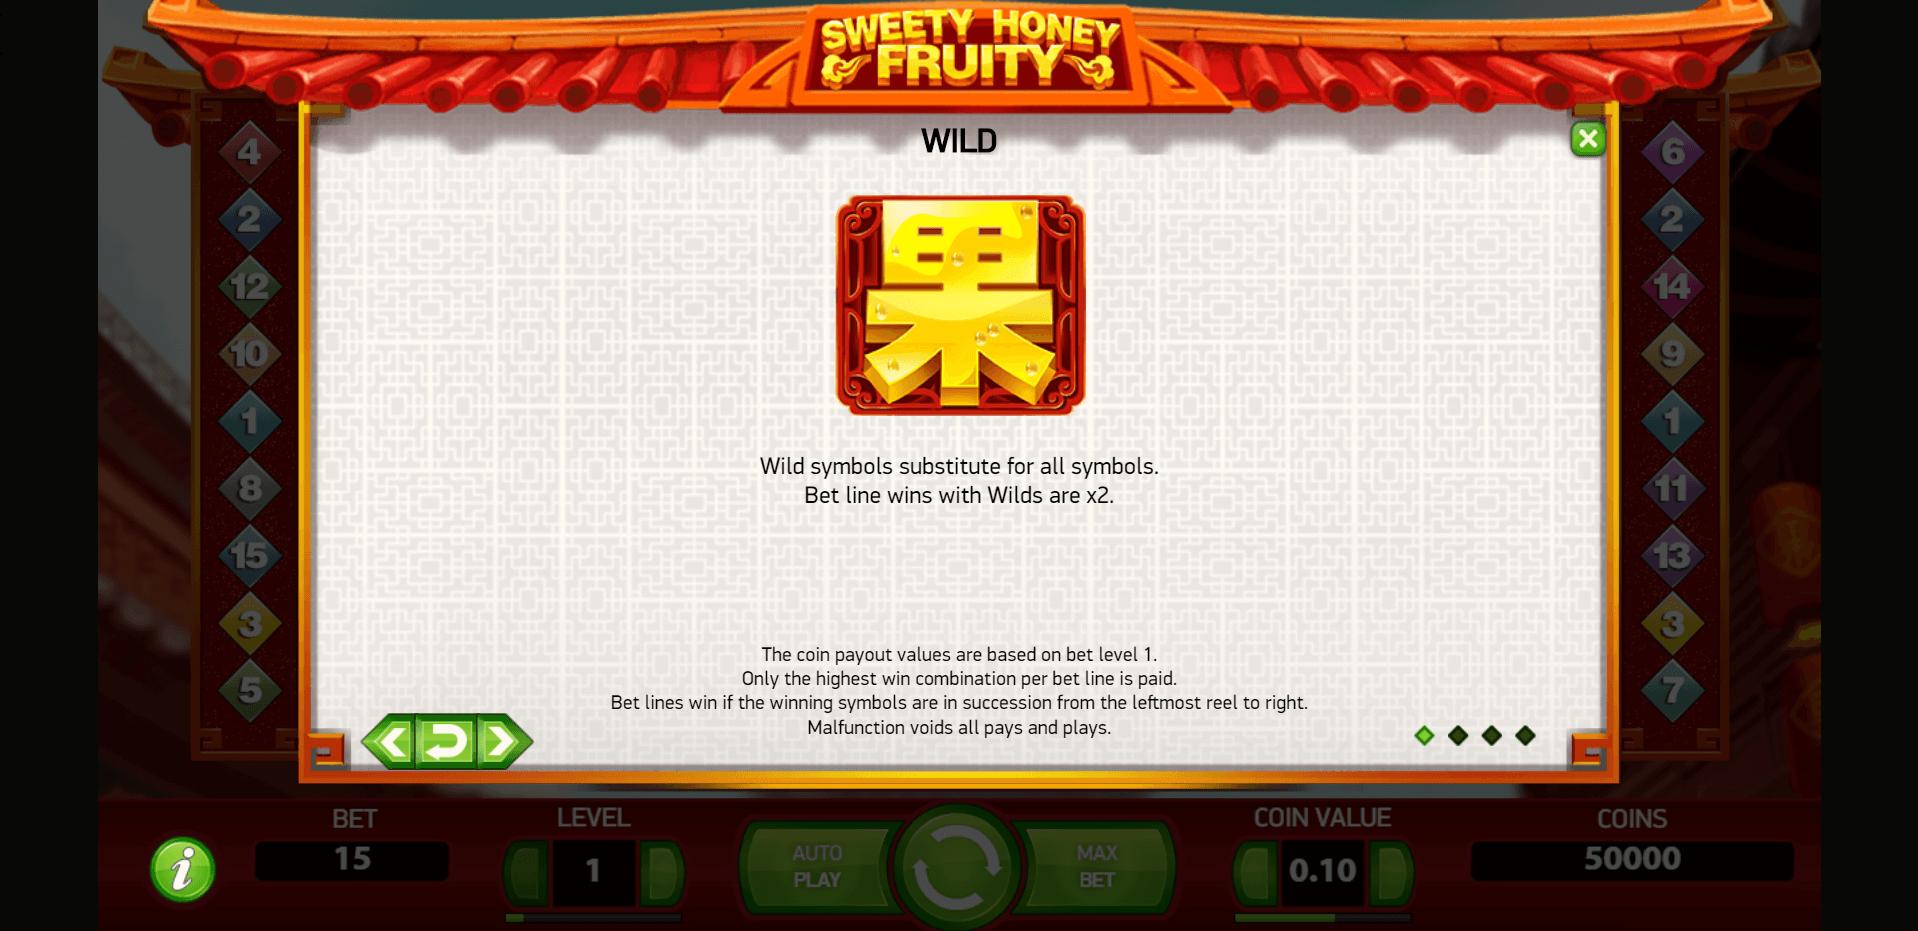 Twin win casino game